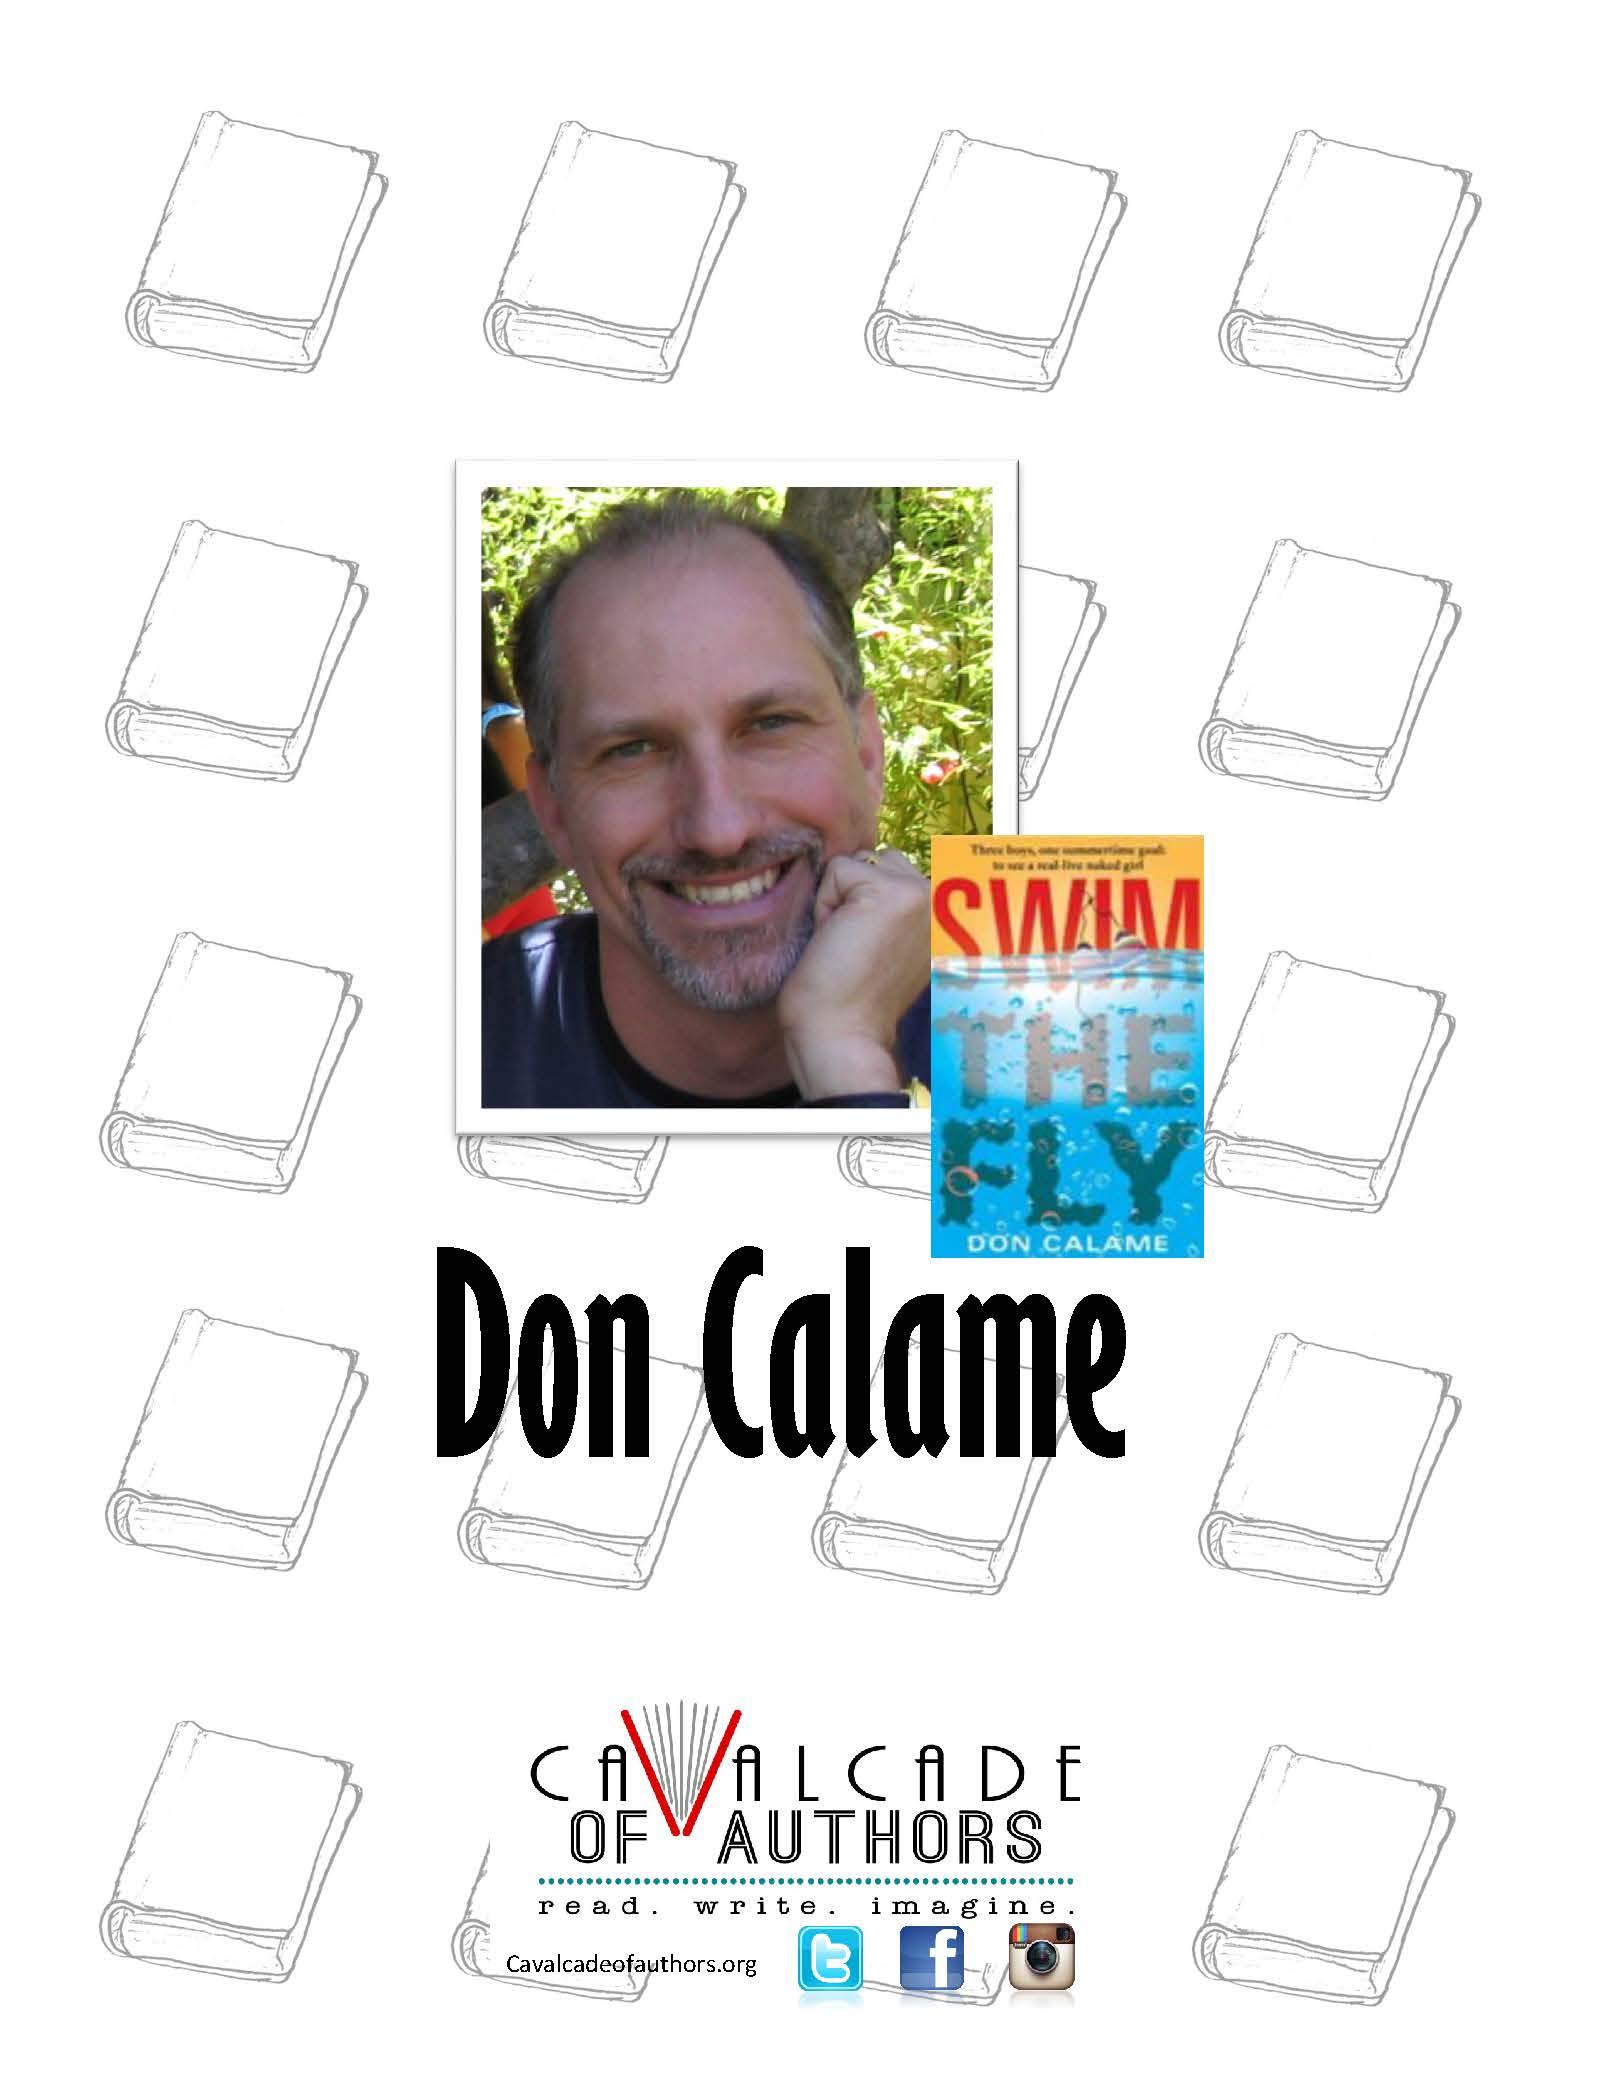 Don Calame